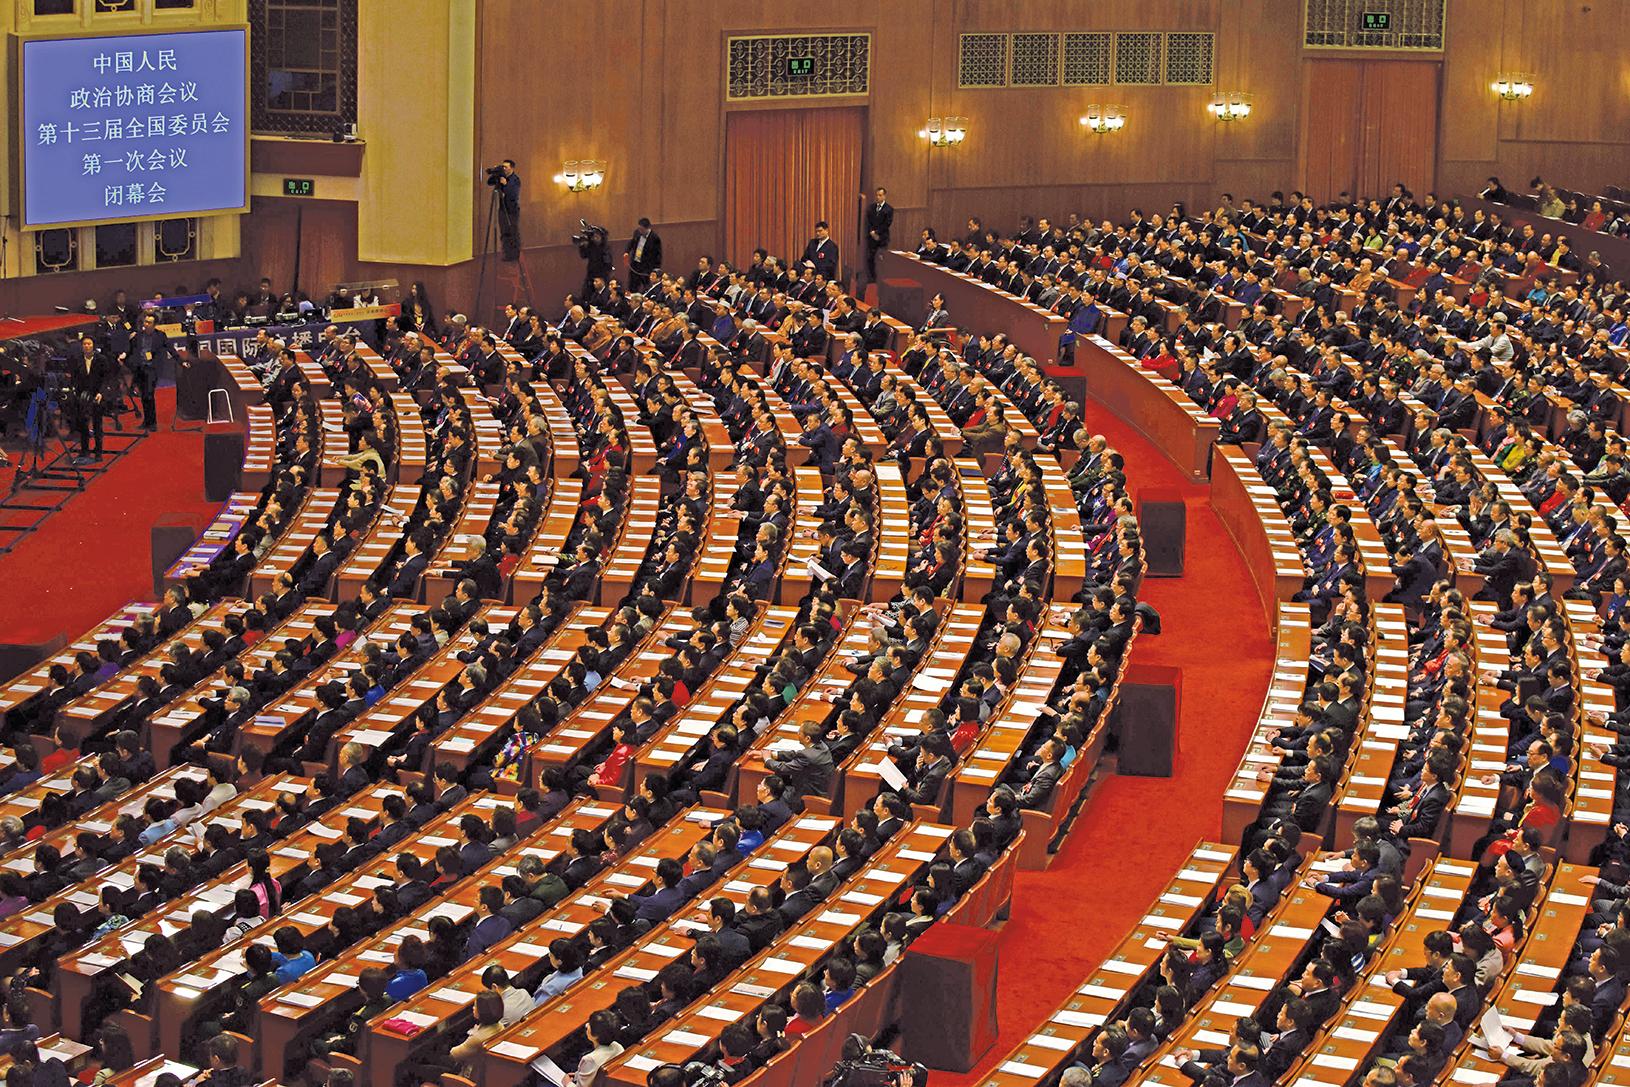 中共政協高層名單出爐,為政協系統的變革清洗行動埋下伏筆。圖為3月15日,中共政協會議閉幕。(Getty Images)